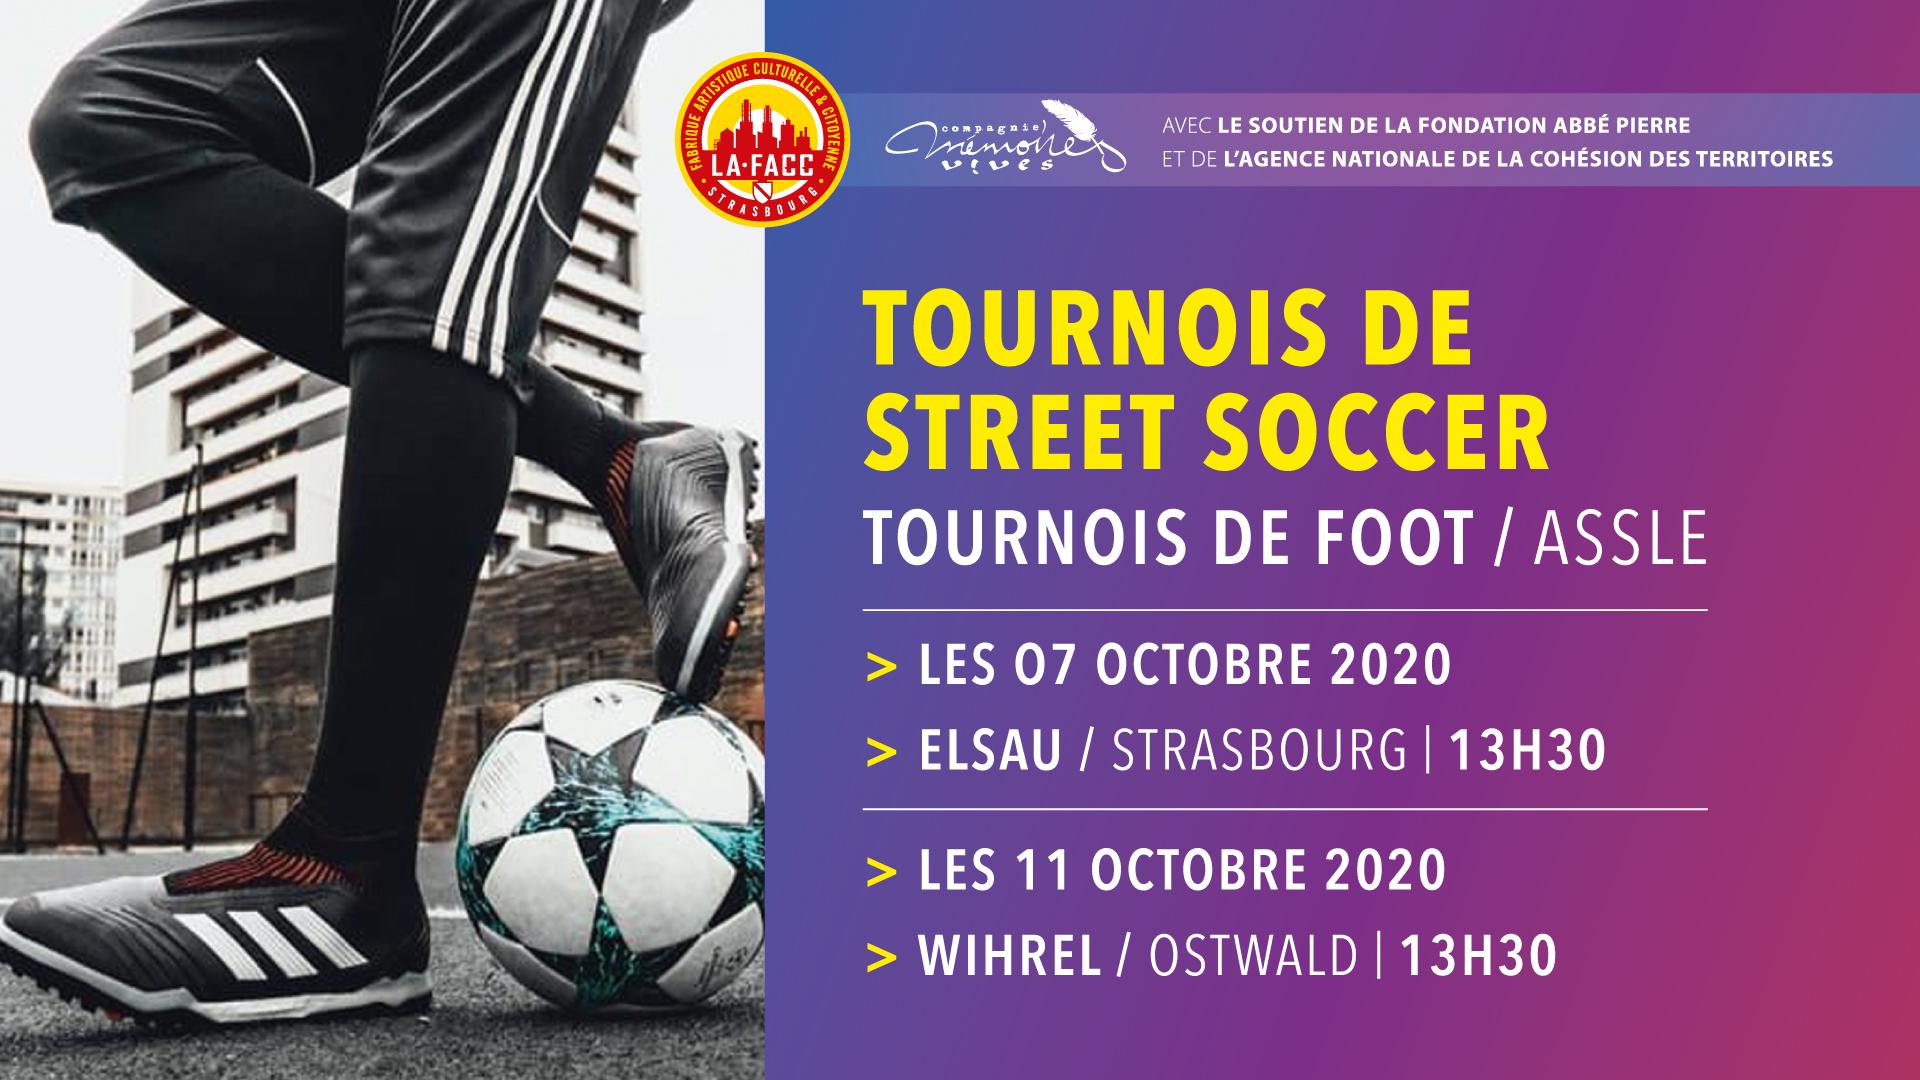 FESTIVAL O.Q.P 2020 • Tournois de Street Soccer @ City stade de l'Elsau